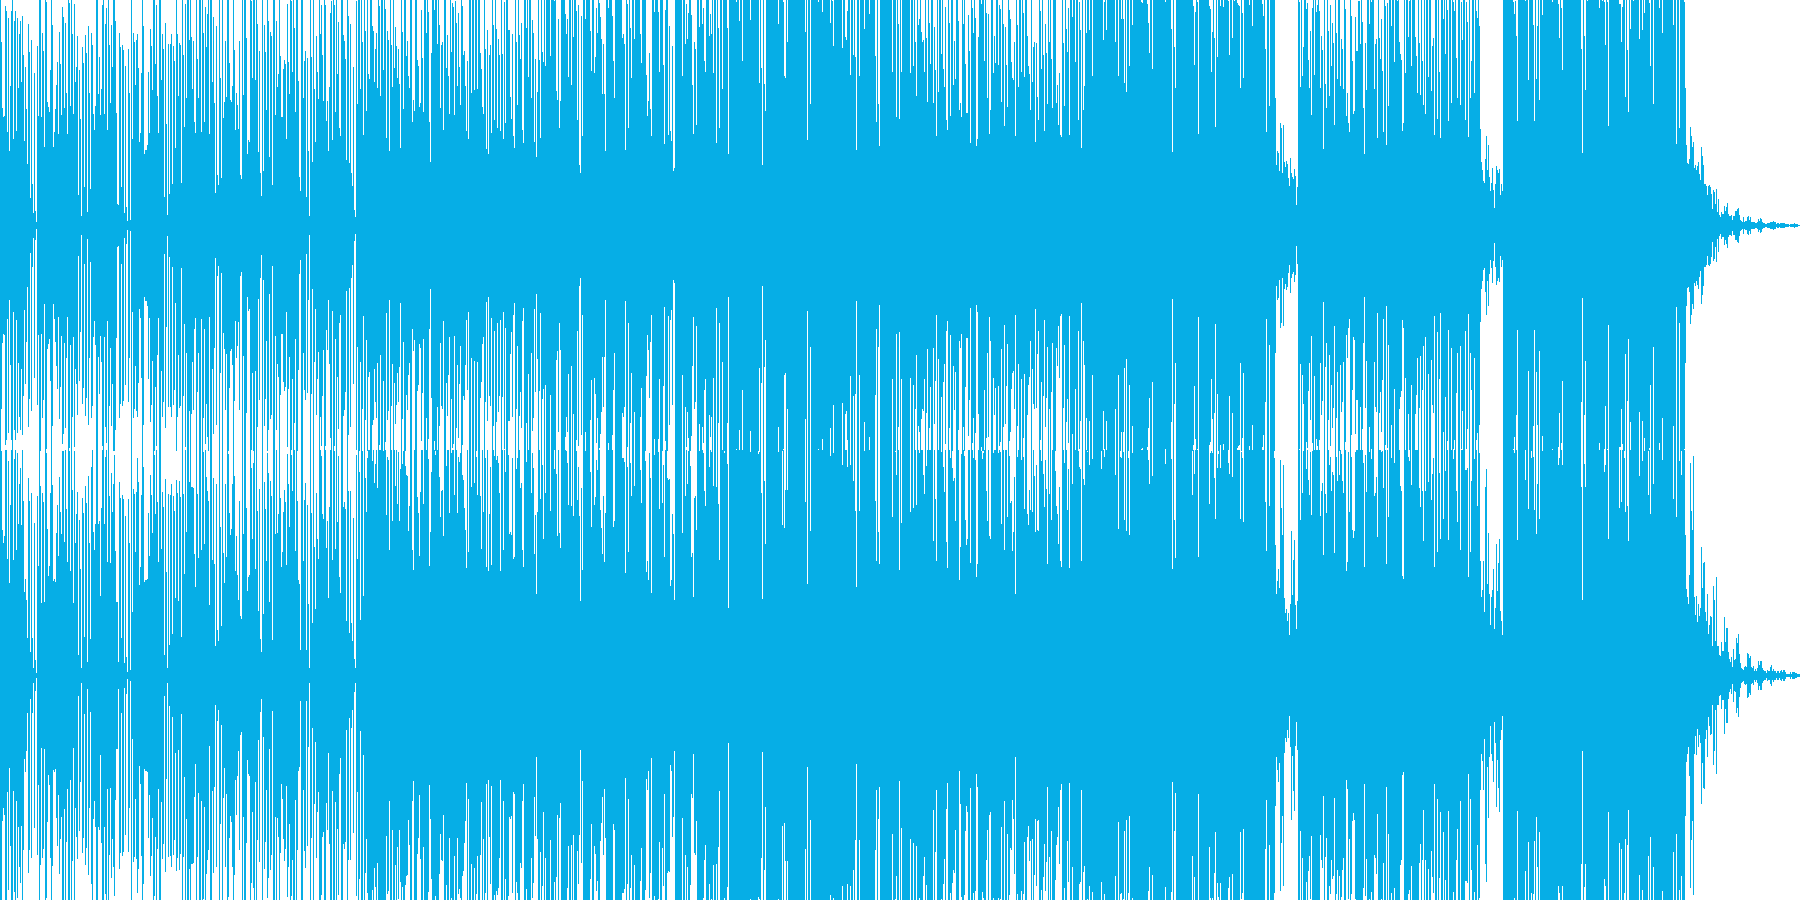 ヒップホップ系ハードなエレクトロニカの再生済みの波形